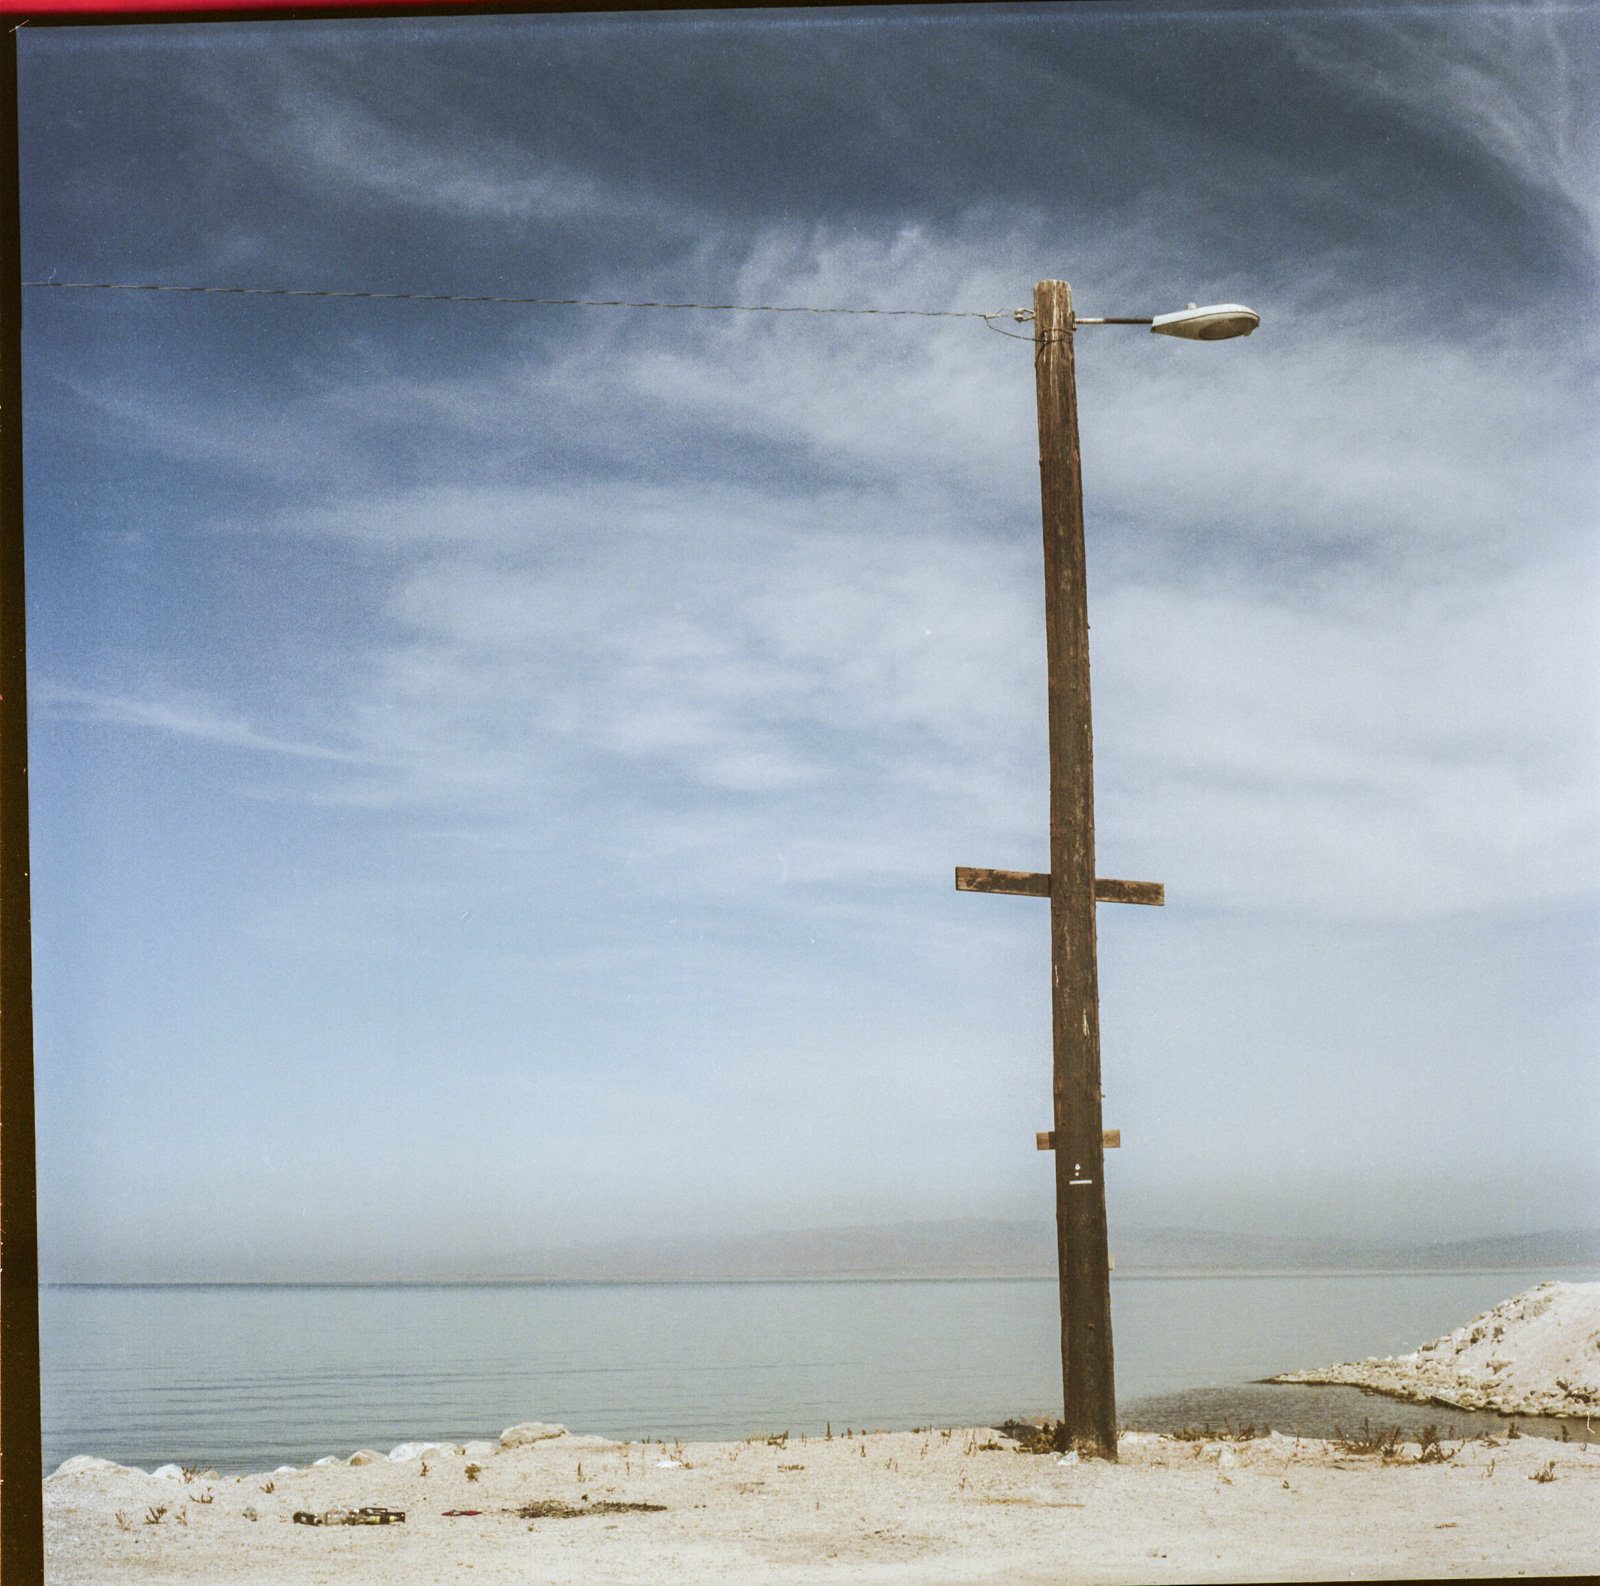 Salton Sea Pole